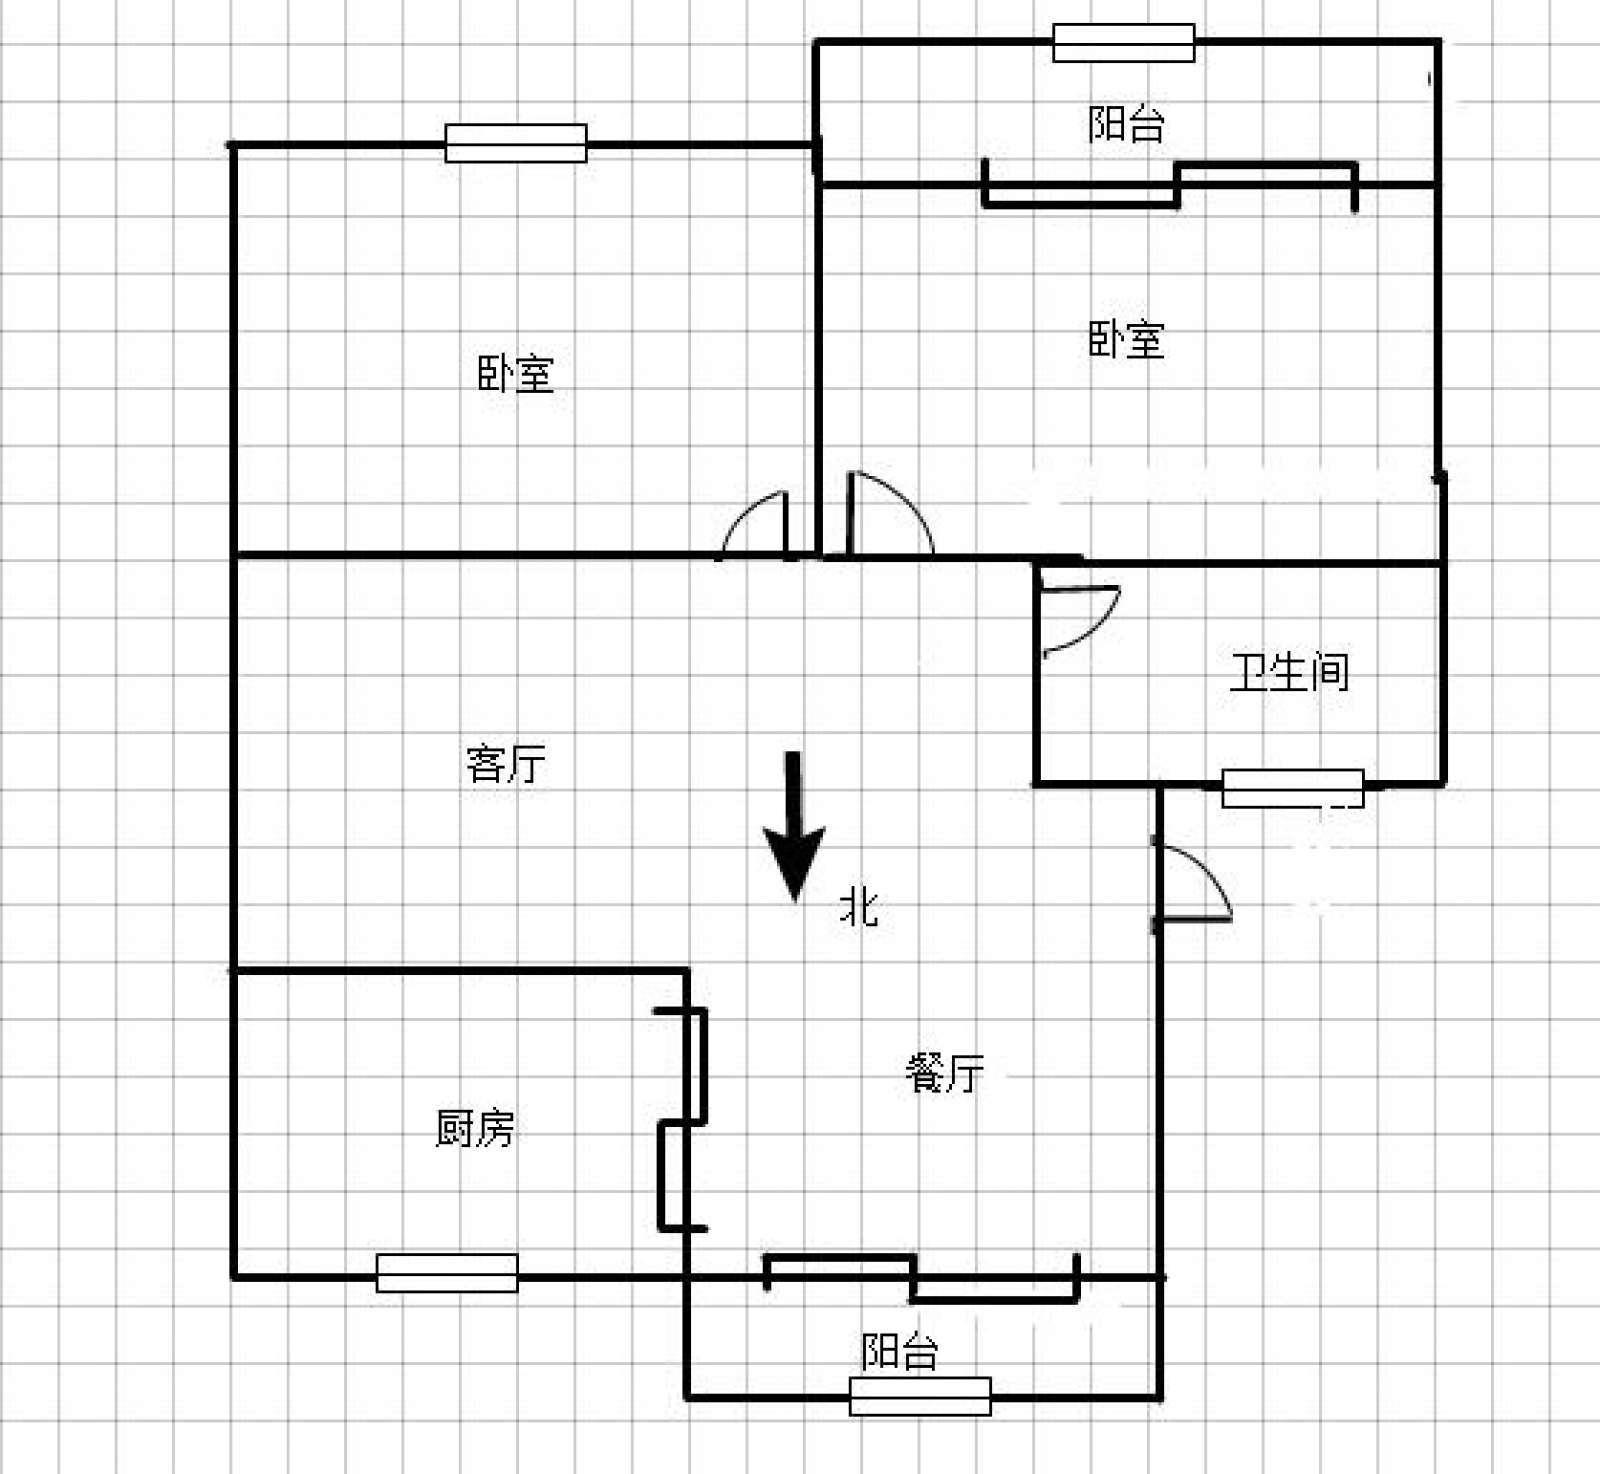 步红花园 2室2厅93㎡